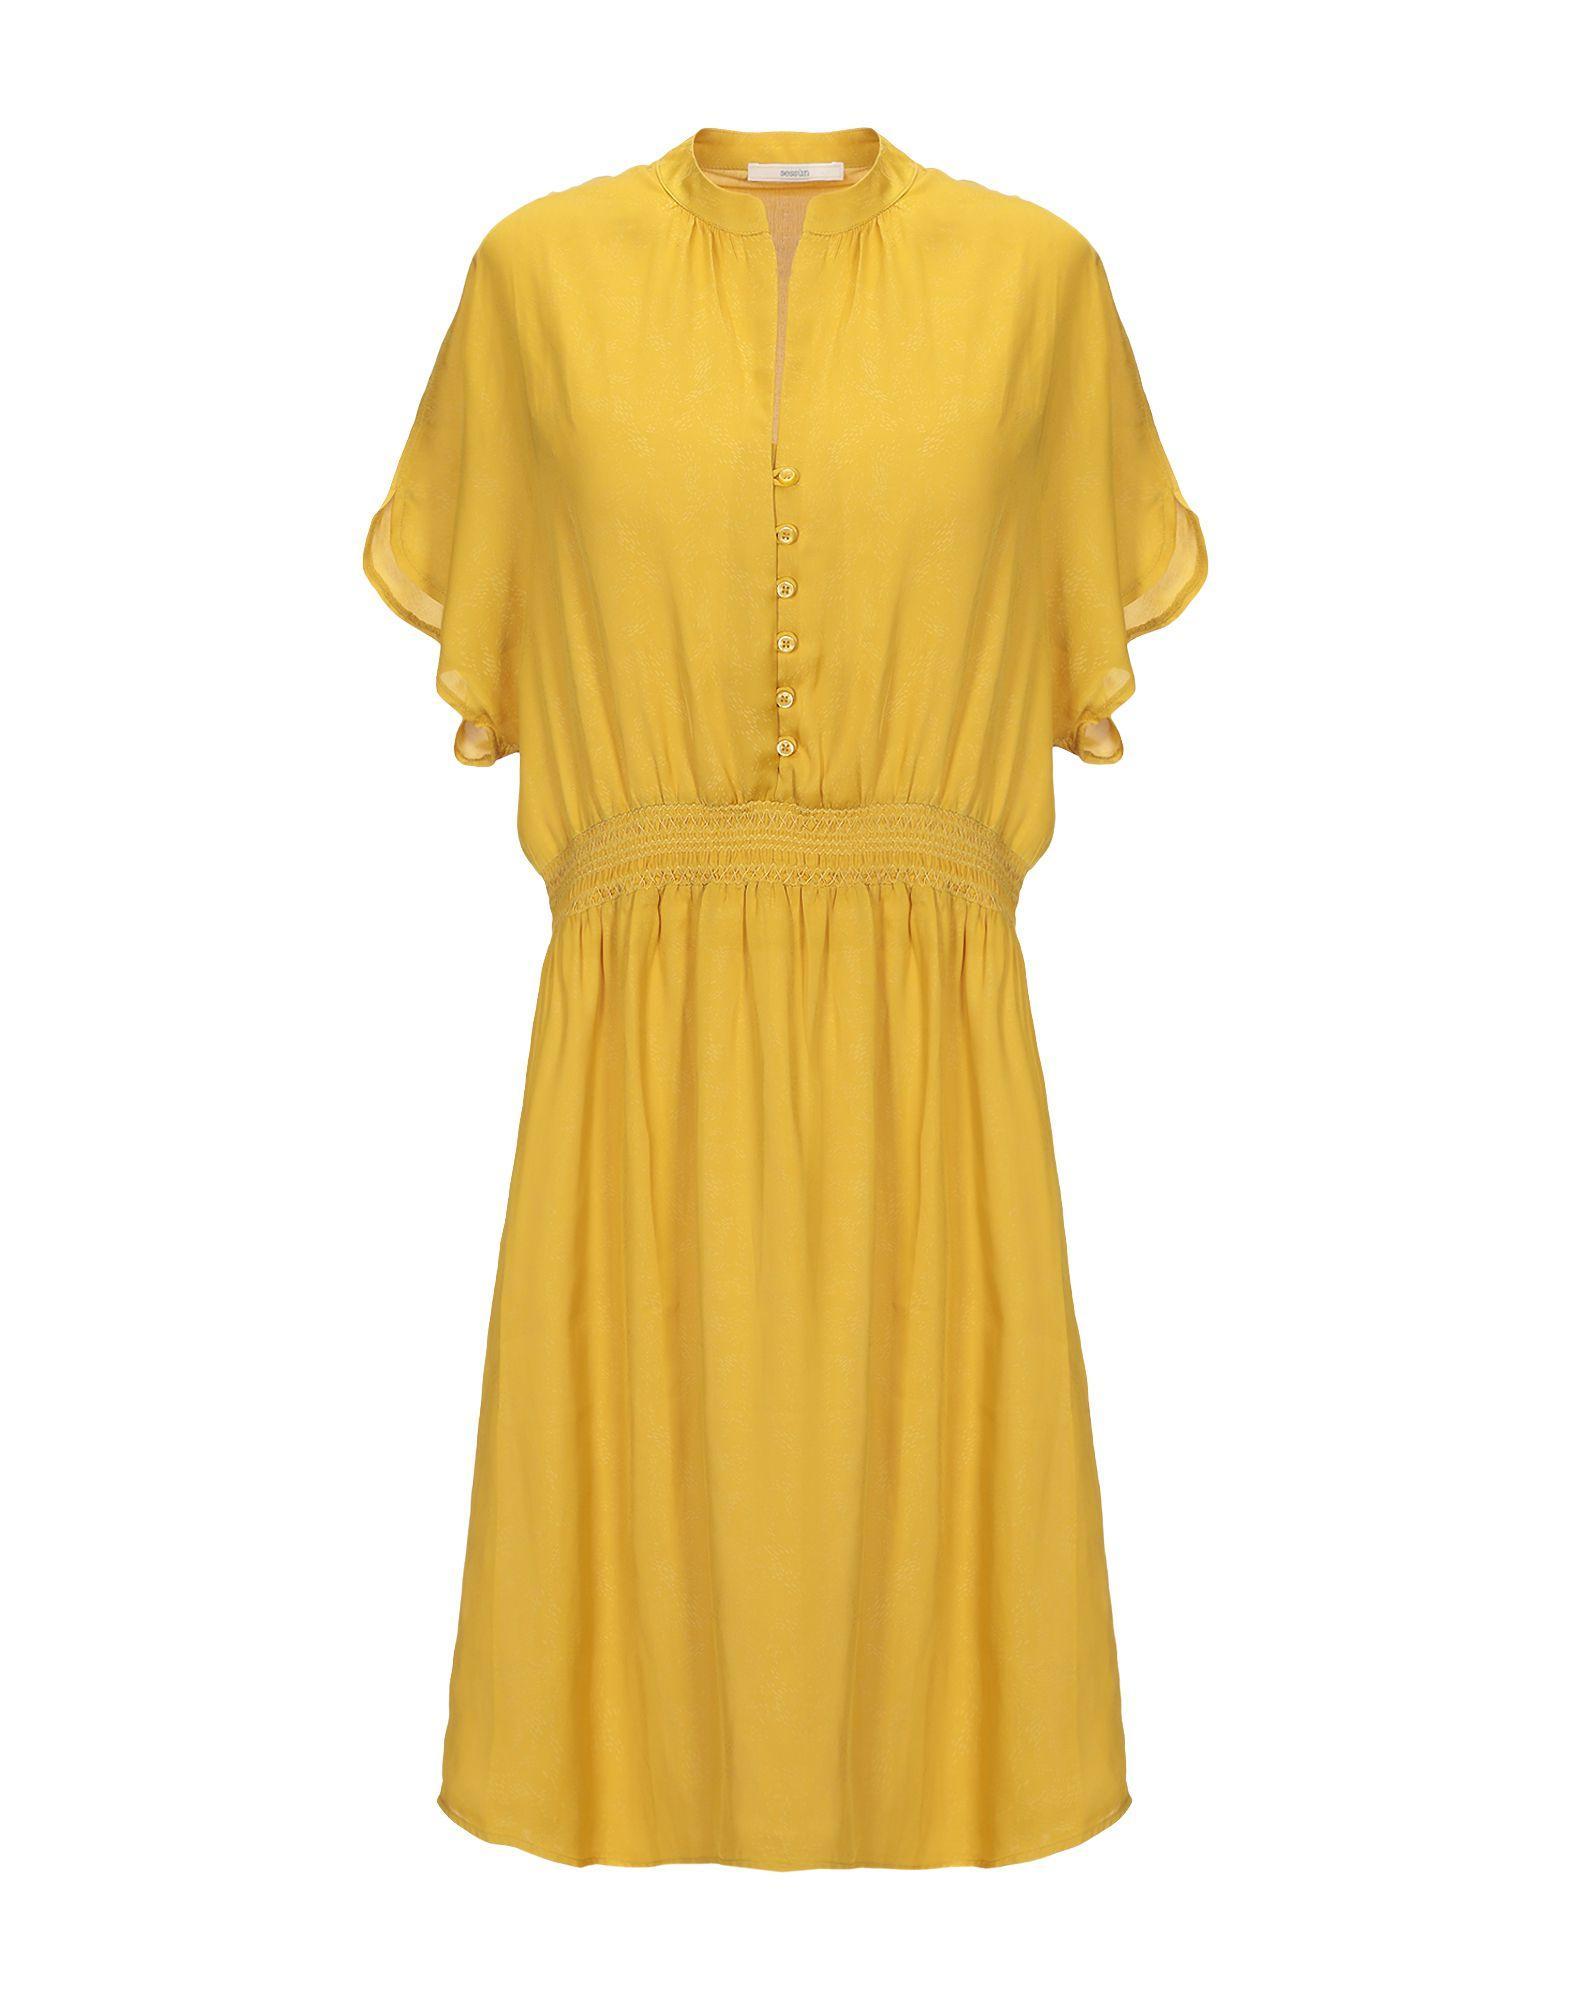 Короткое платье  - Желтый,Синий цвет